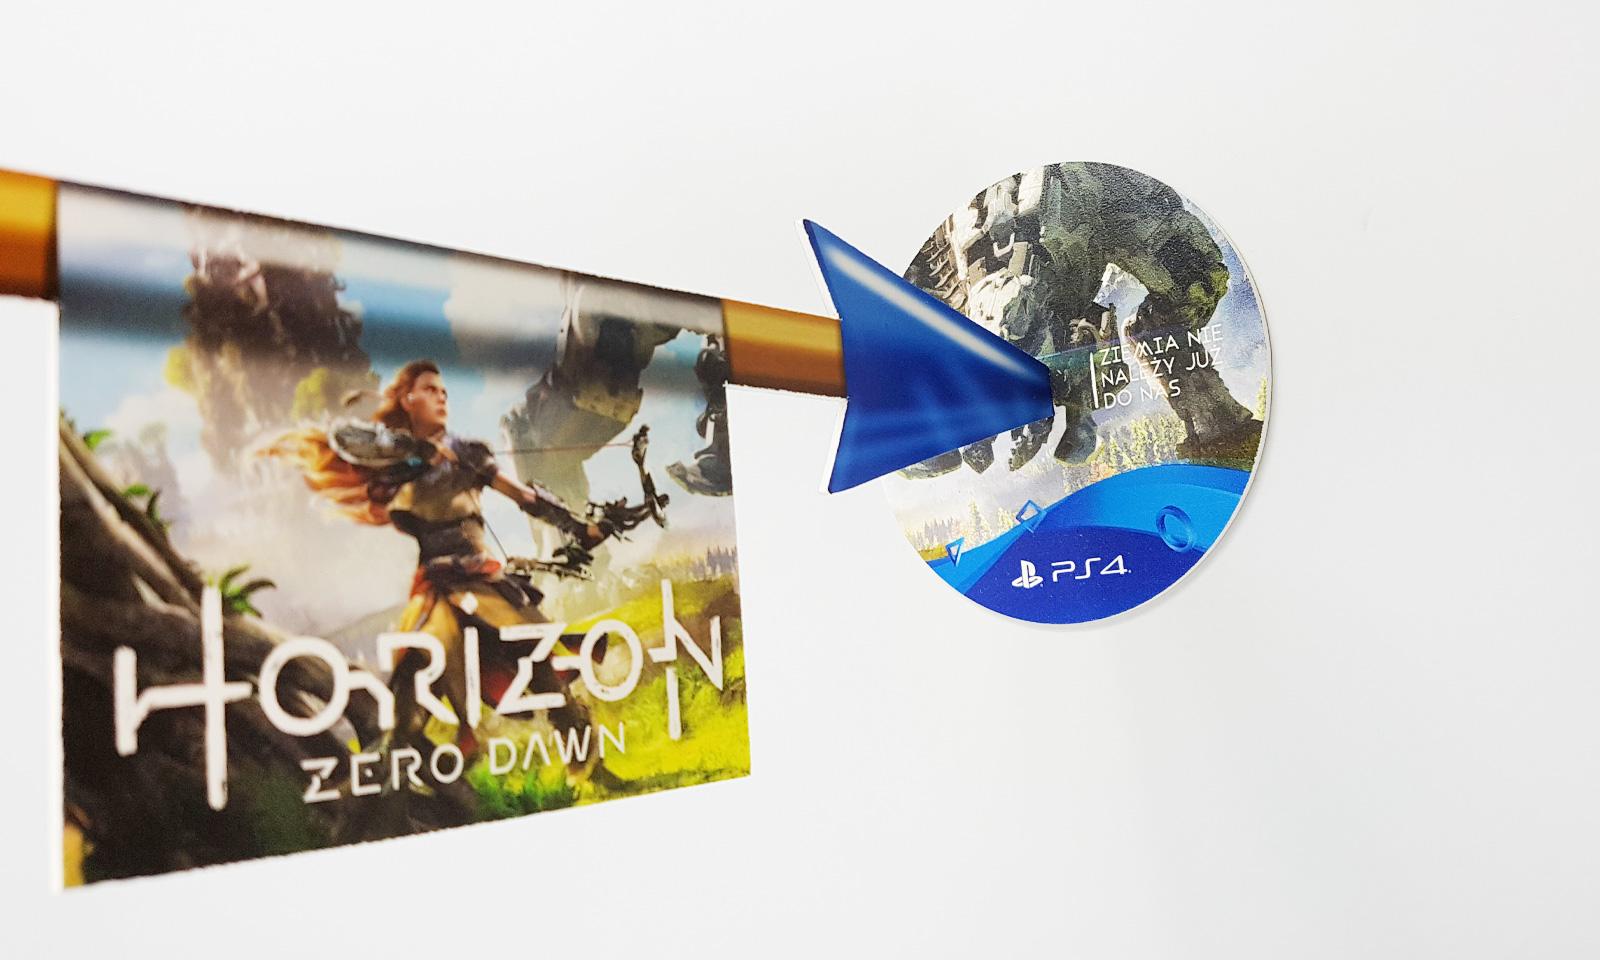 POS Horizon Zero Dawn